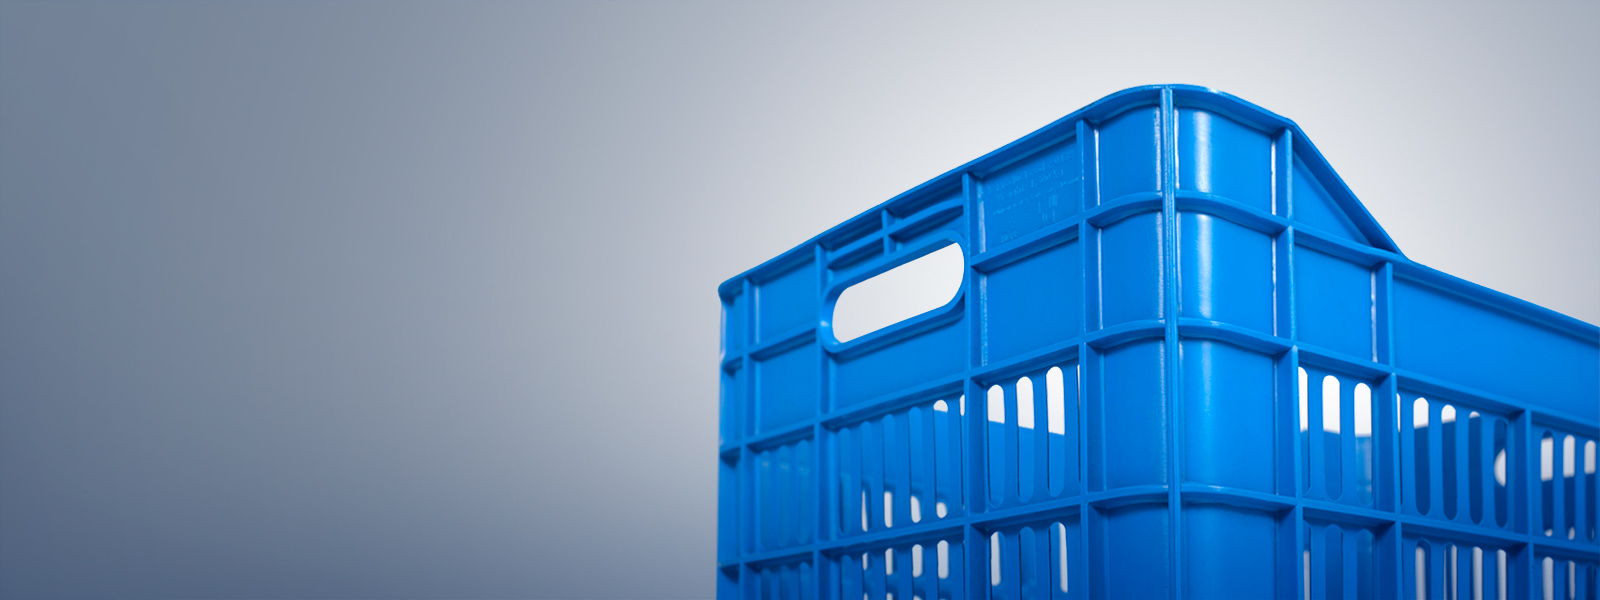 Sunt navetele stivuibile din plastic versatile?